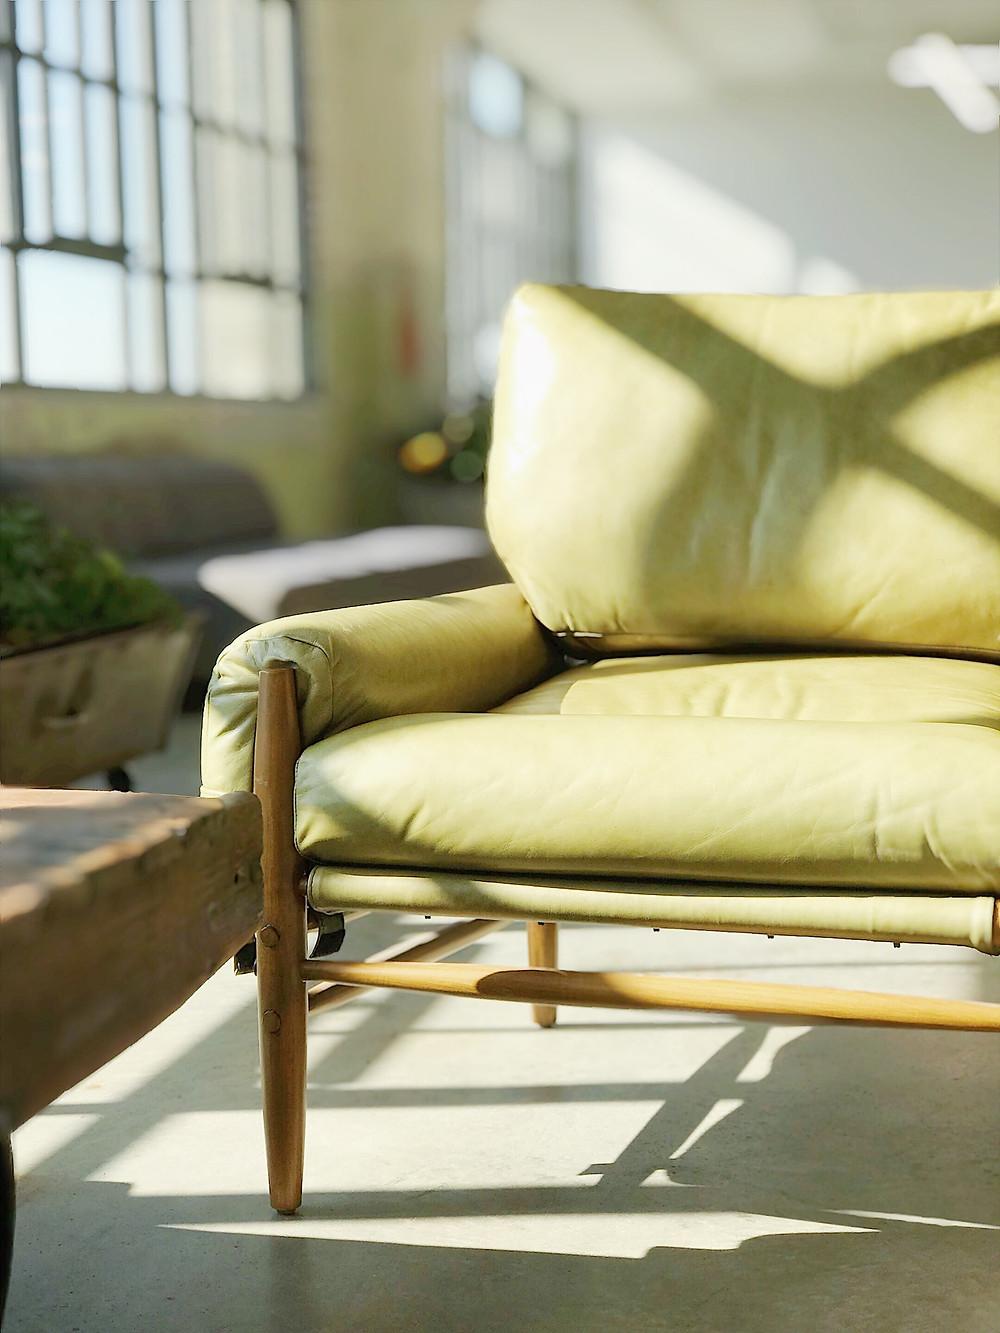 Orientação solar - Raios solares em uma sala de estar destacando o sofá amarelo